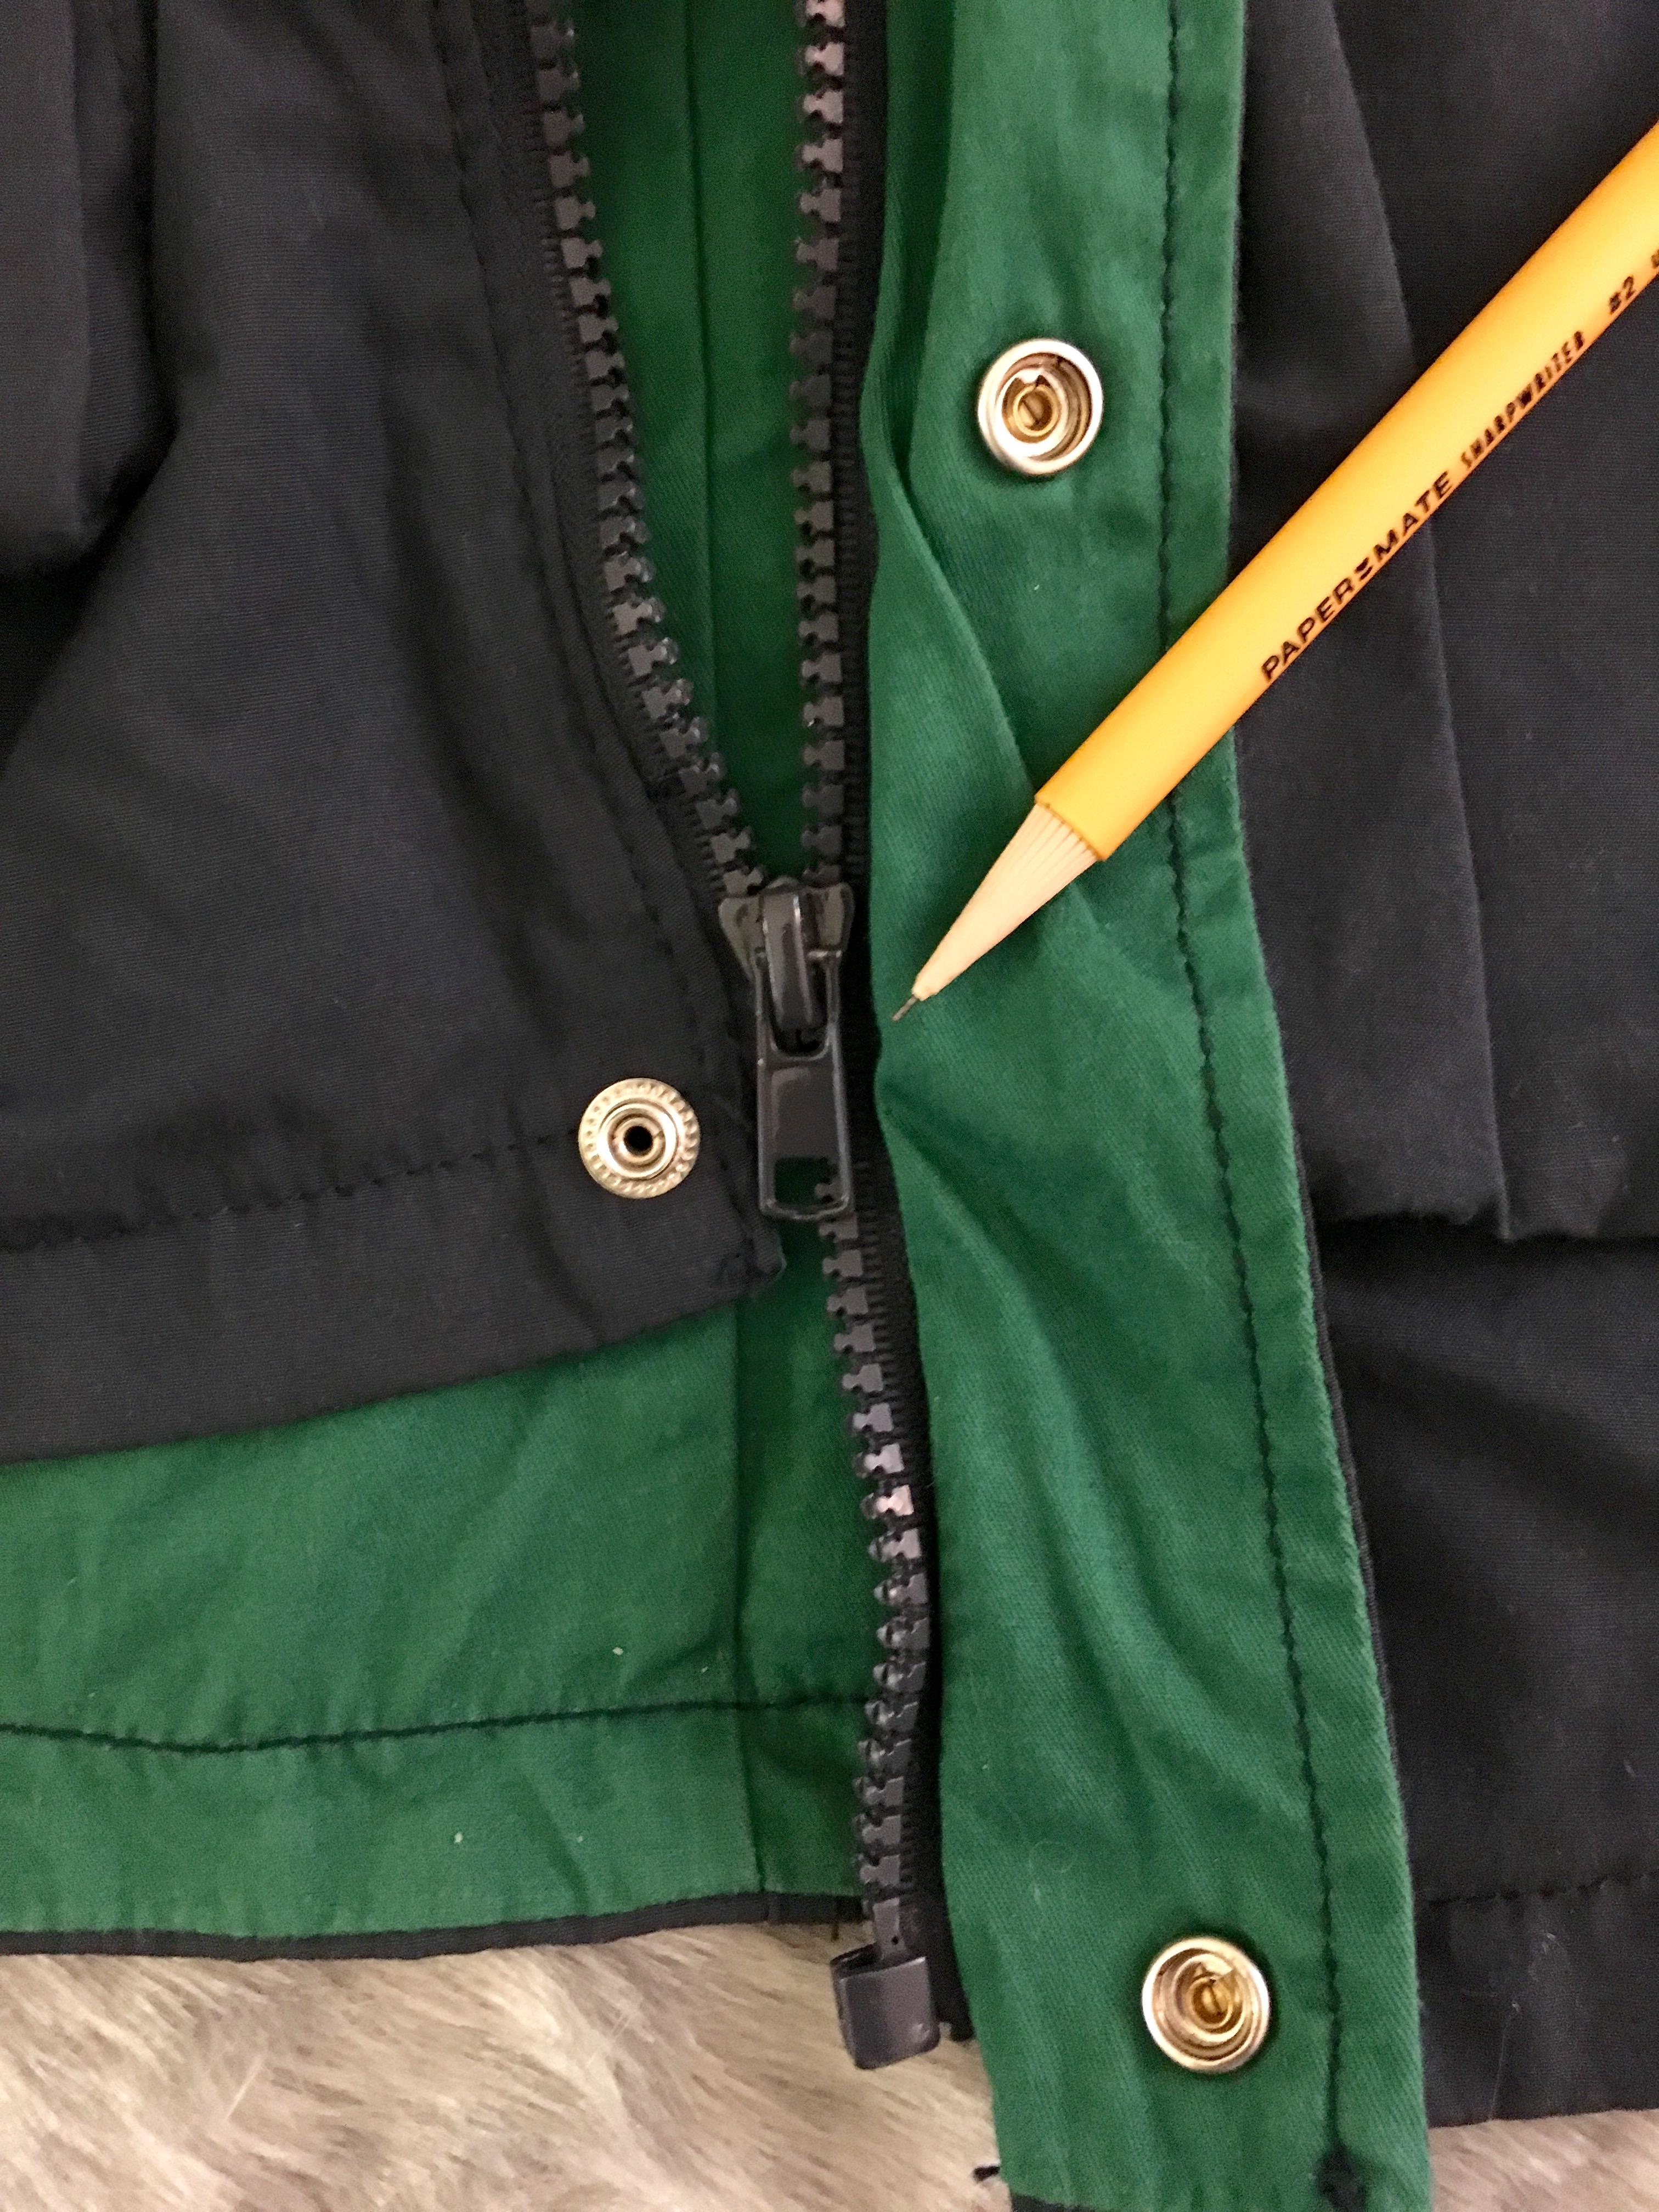 moncler zipper broke